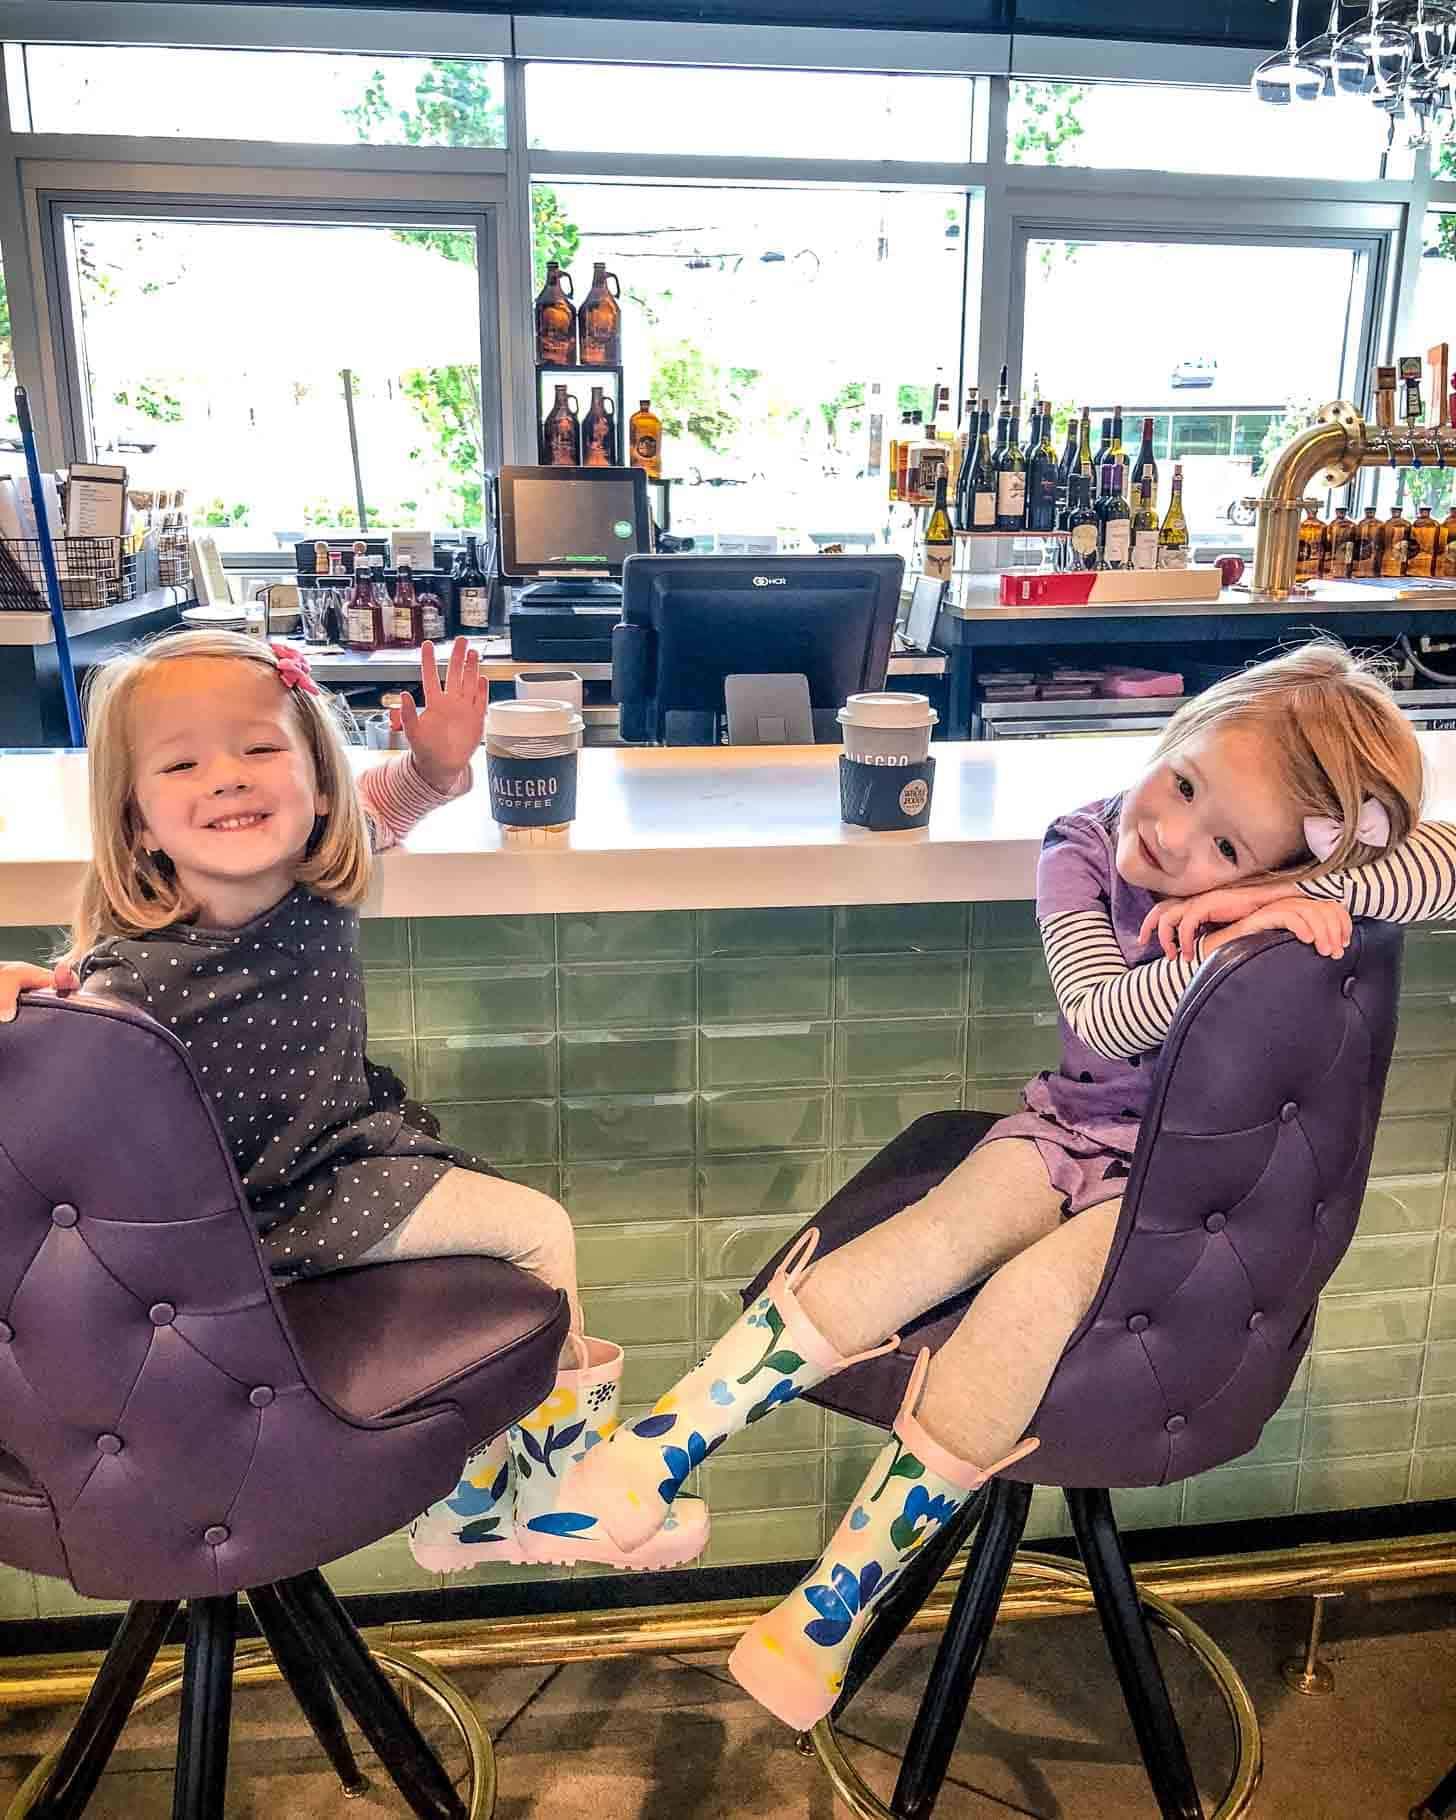 2 little girls having hot cocoa